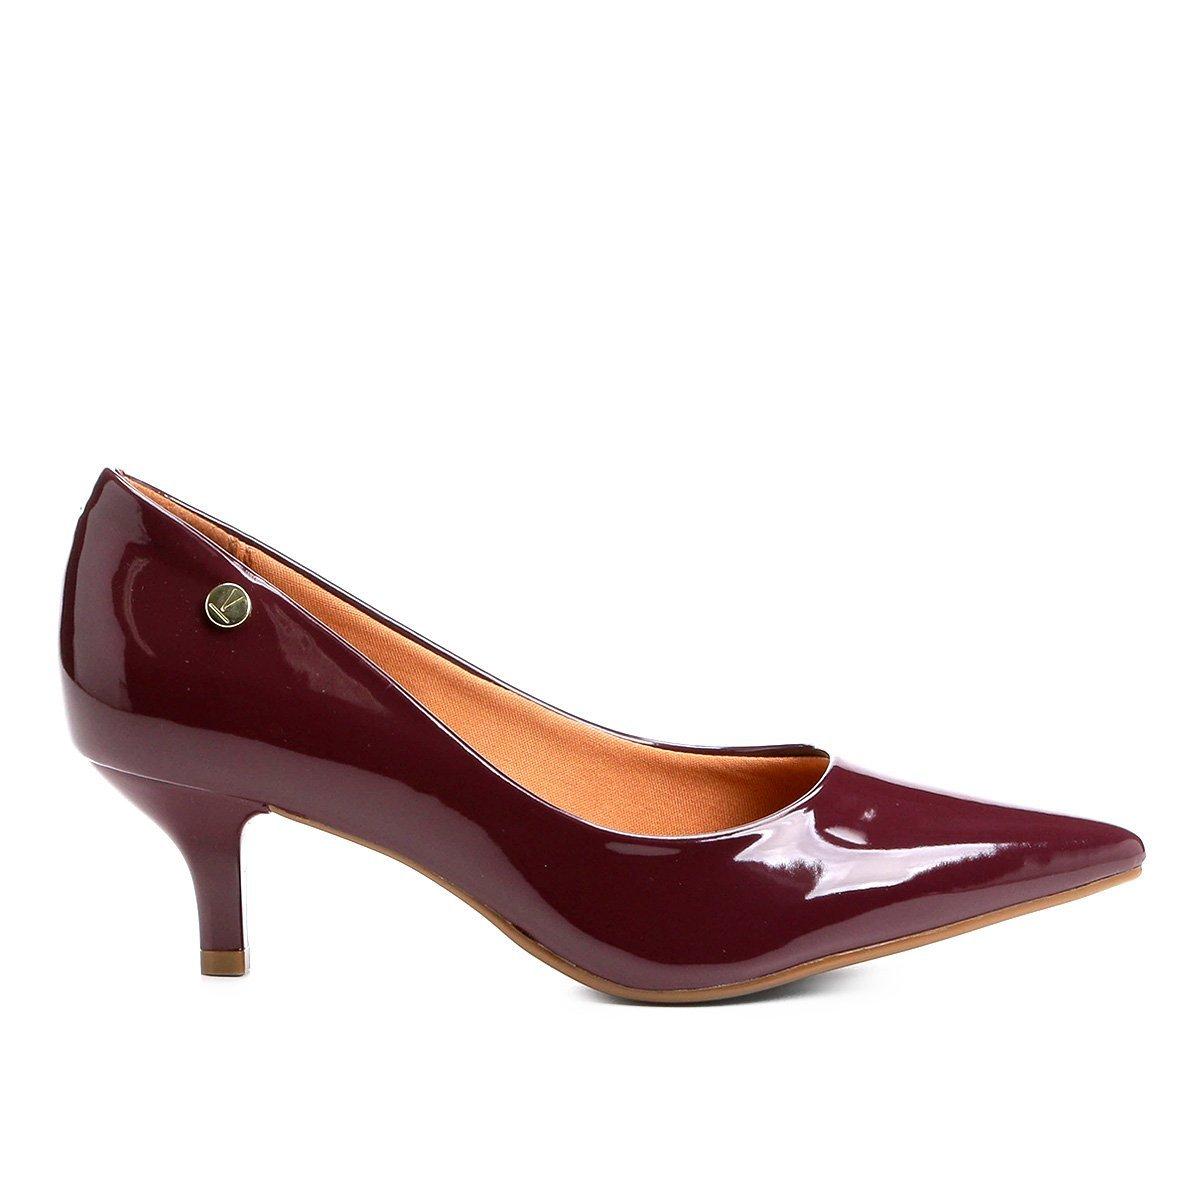 fea6243fde Sapato Scarpin Salto Baixo Bico Fino Verniz Vizzano Marsala - MM Concept